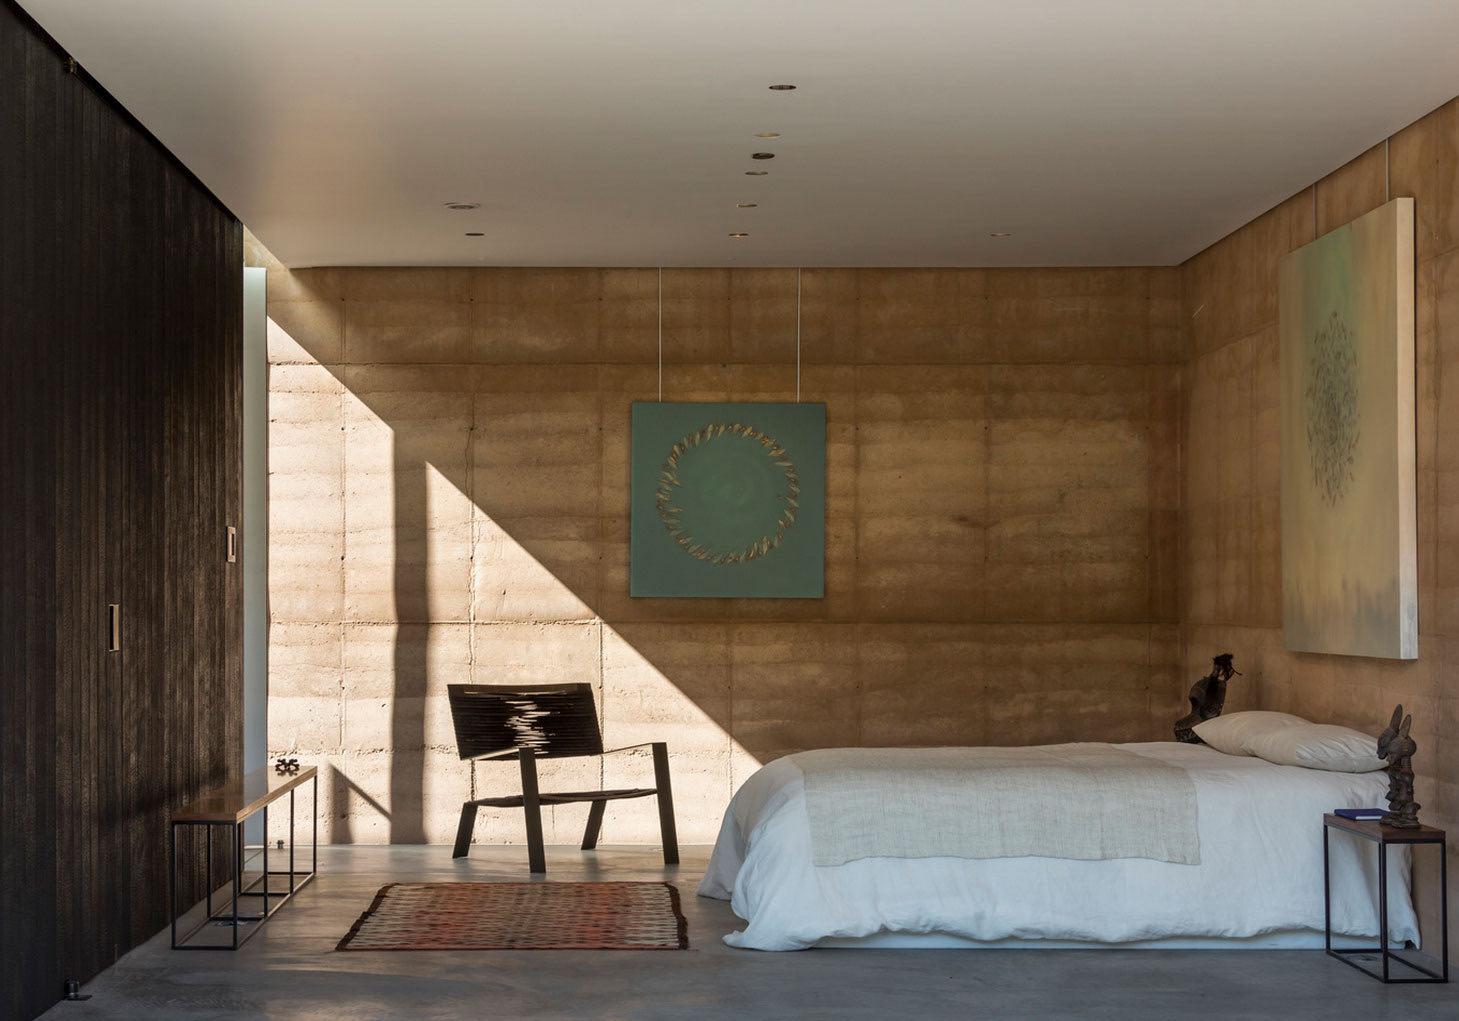 后现代装修风格房子图片_荒漠中的温馨